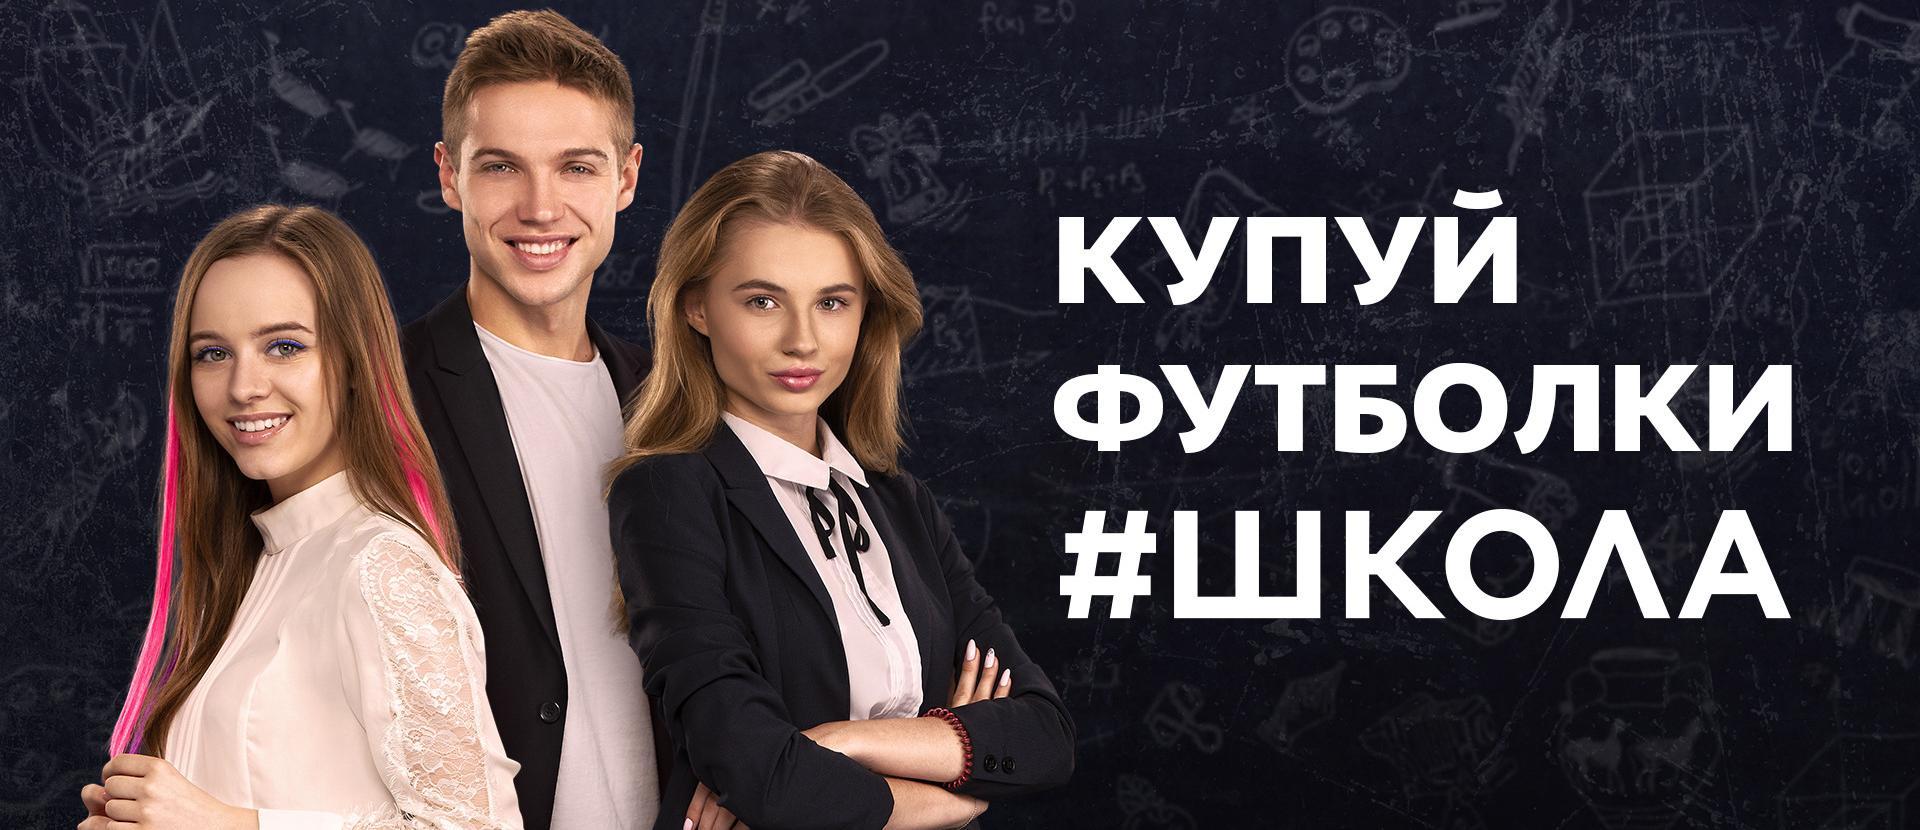 Fanstore.com.ua